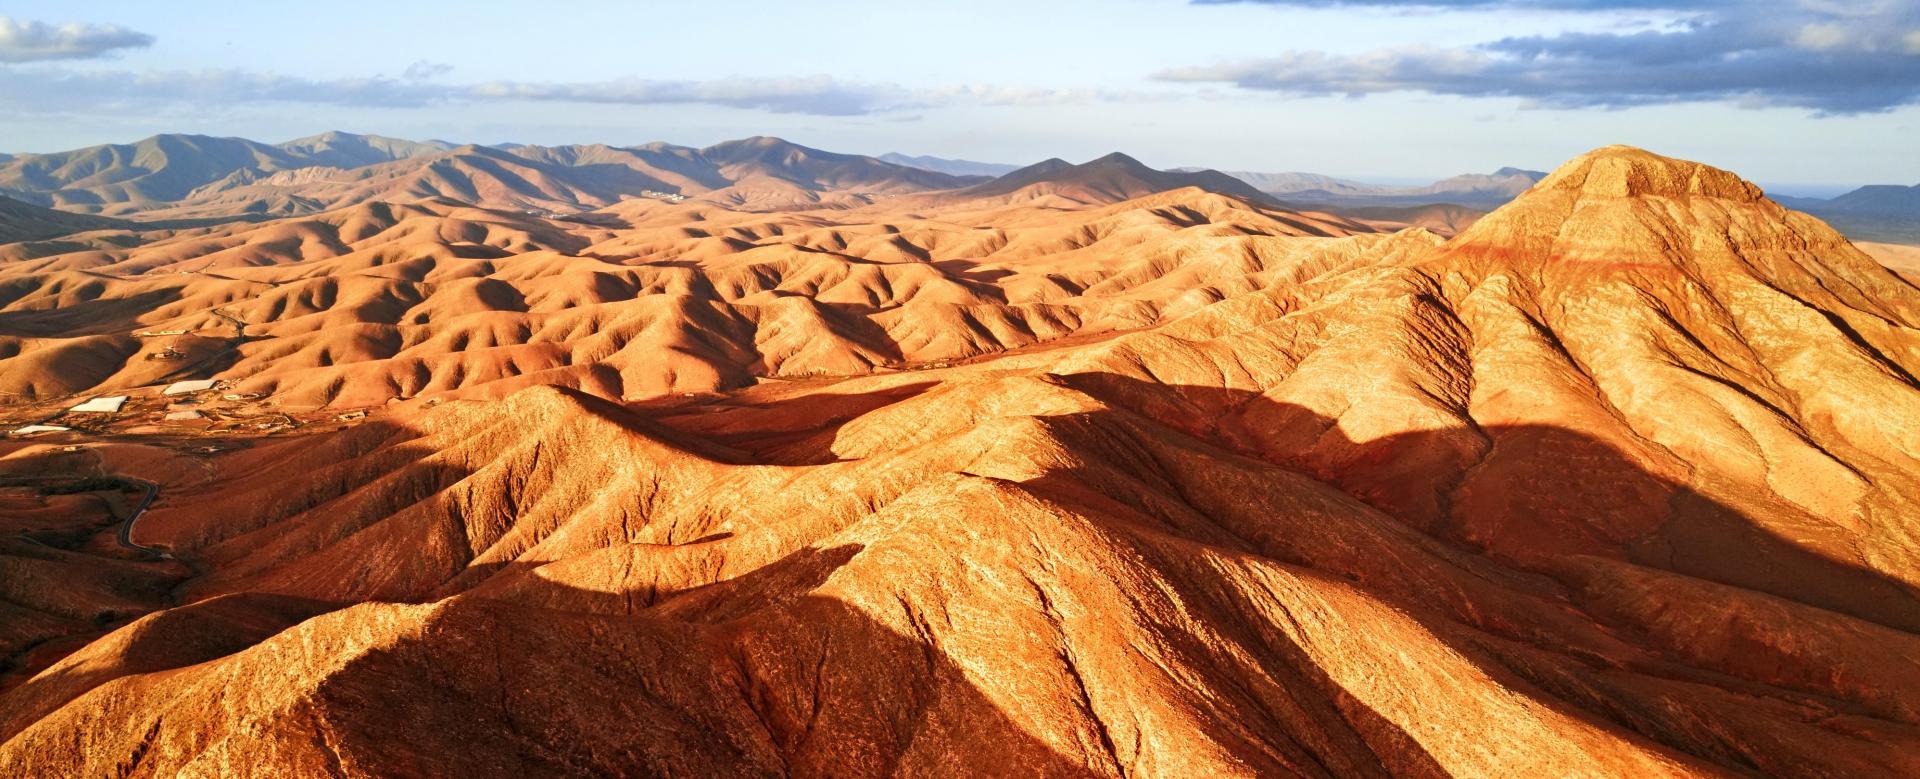 Voyage sur l'eau : Fuerteventura, l\'île saharienne